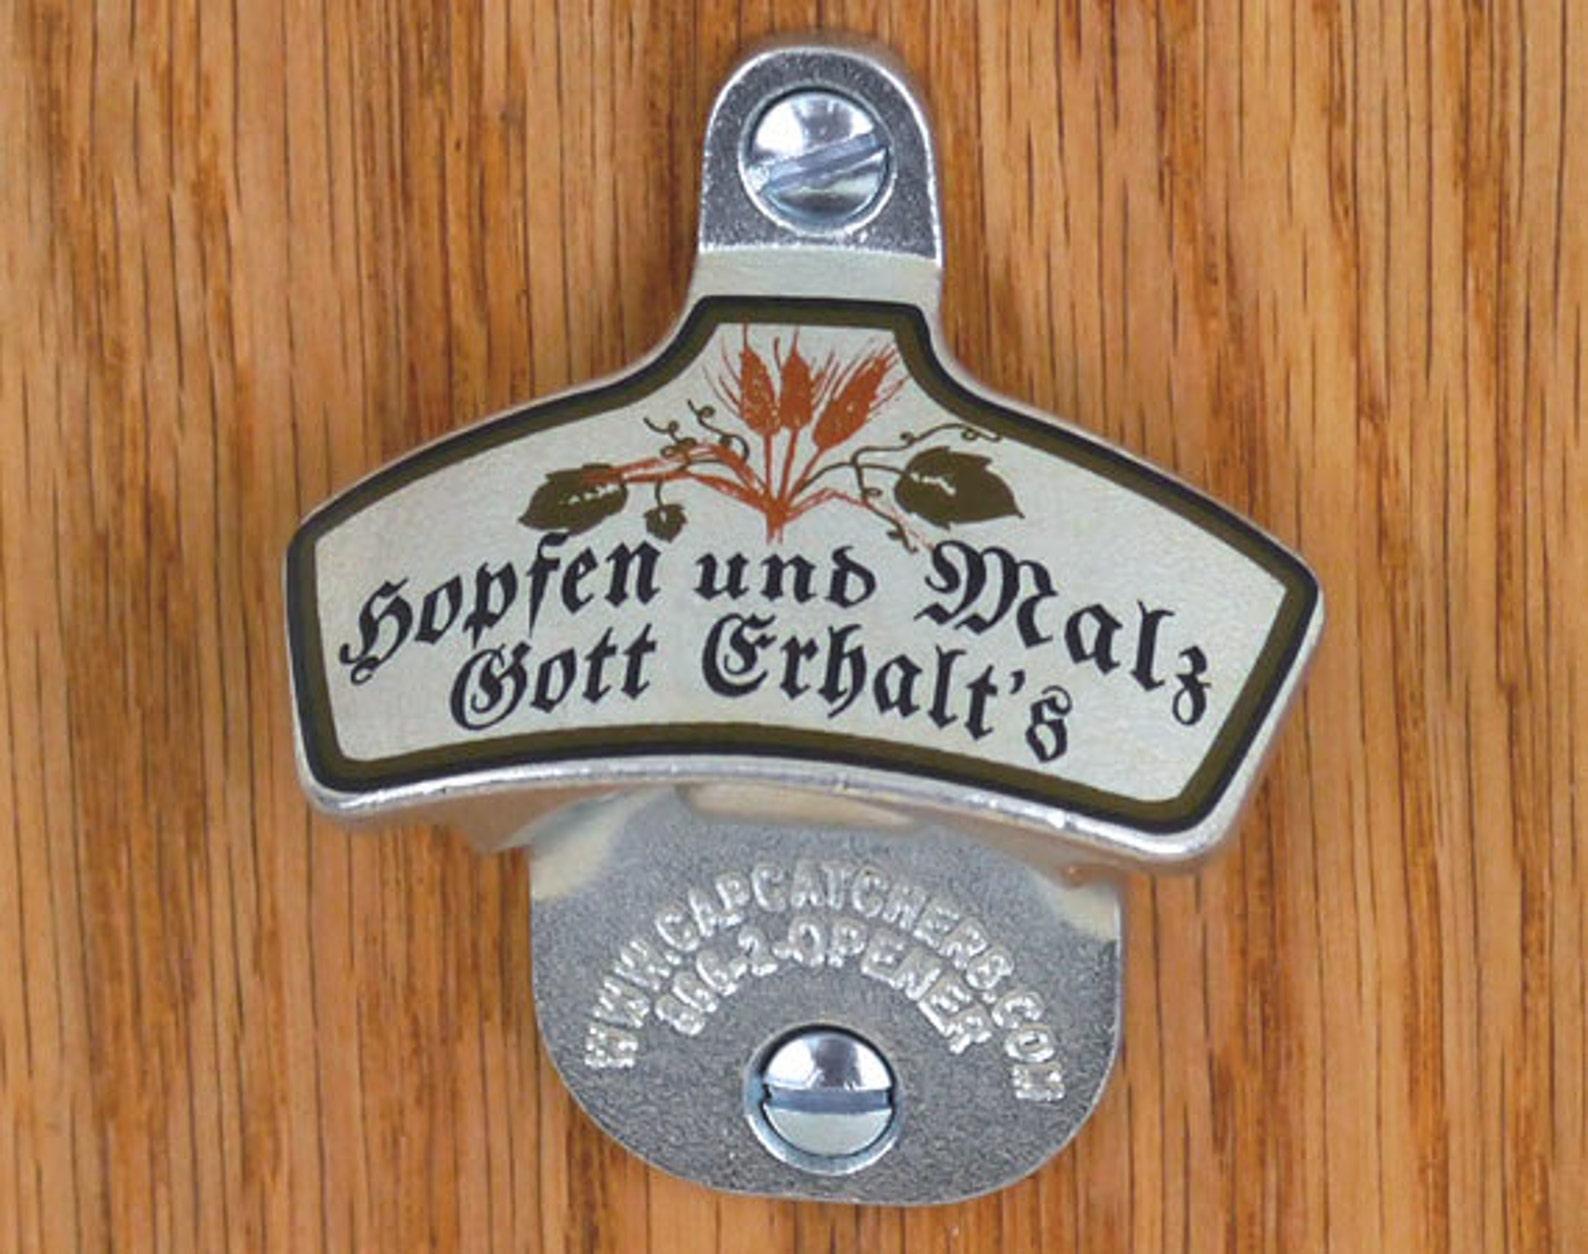 German Wall Mount Bottle Opener